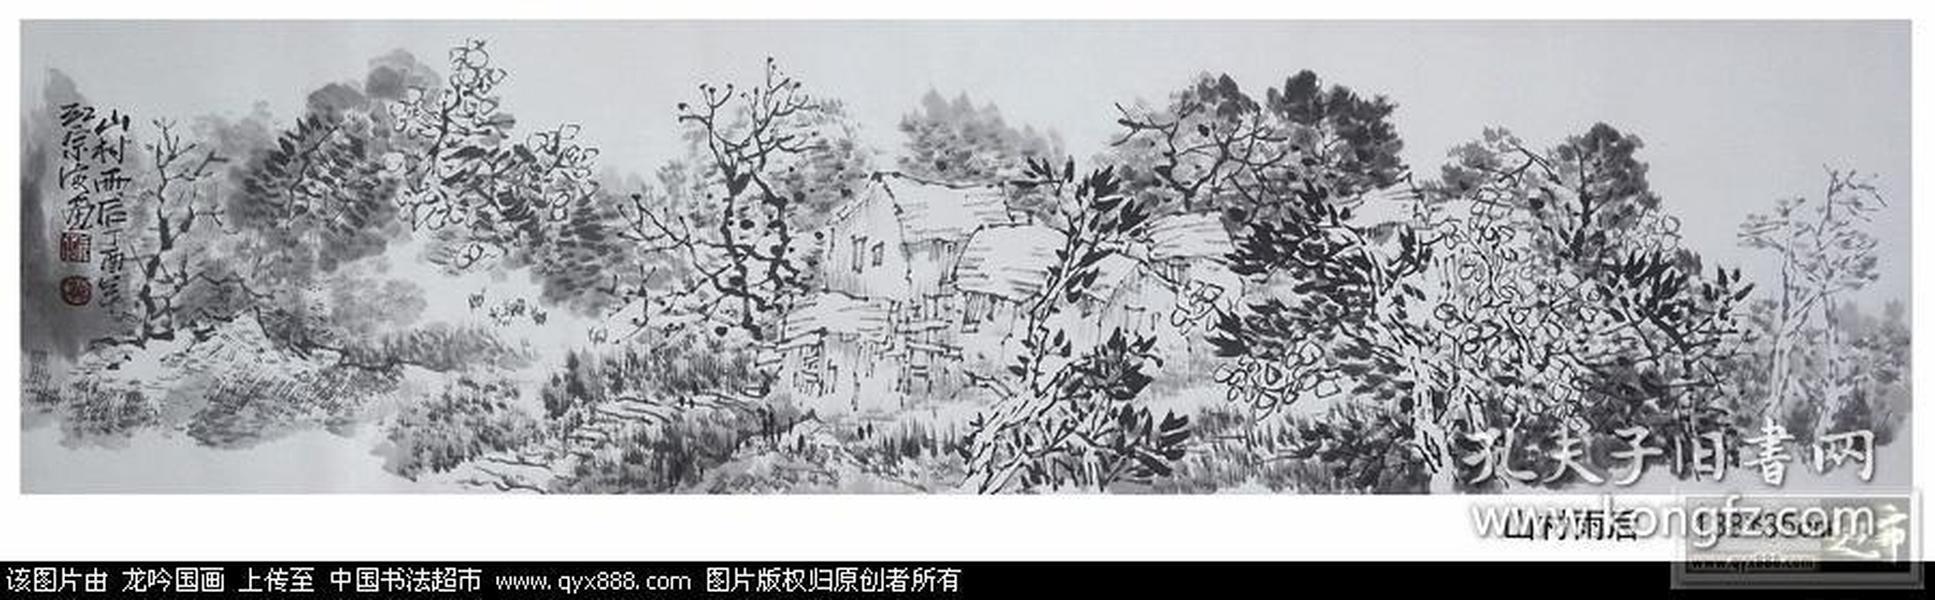 海南美协会员,国家一级美术师、宋庆龄书画院副院长江宗海四尺对开国画 山村雨后